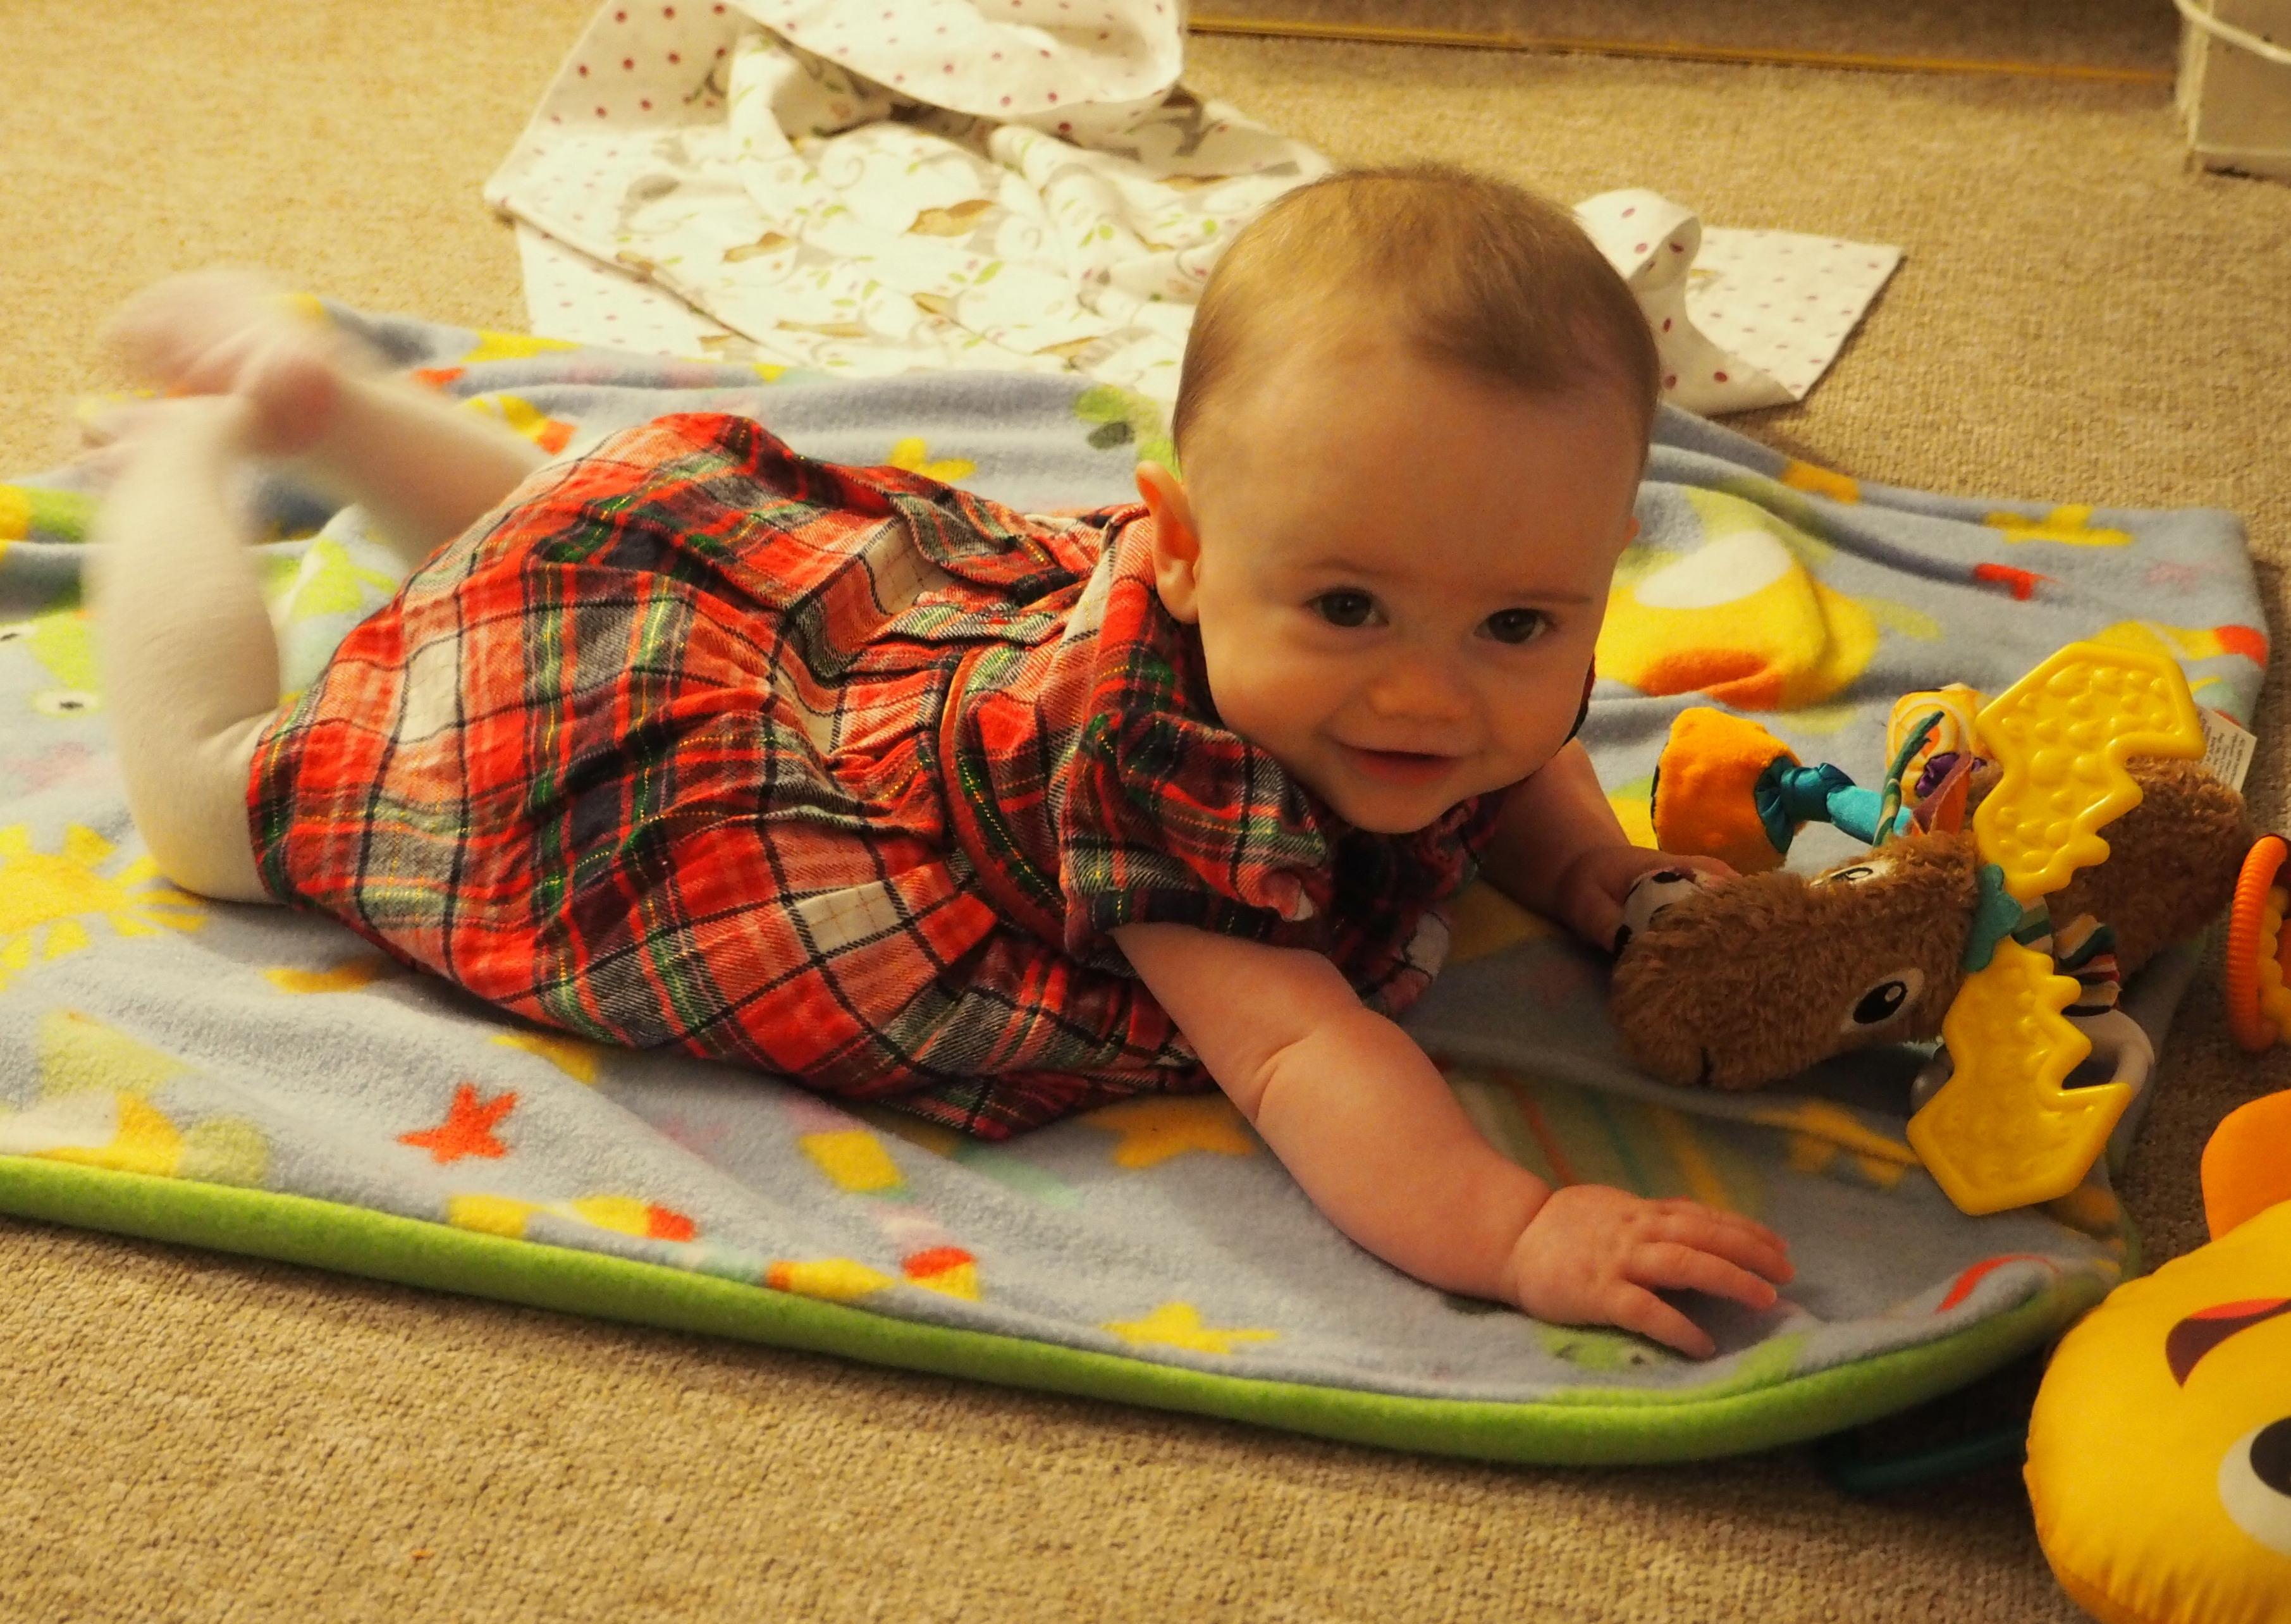 Cute baby in a tartan dress